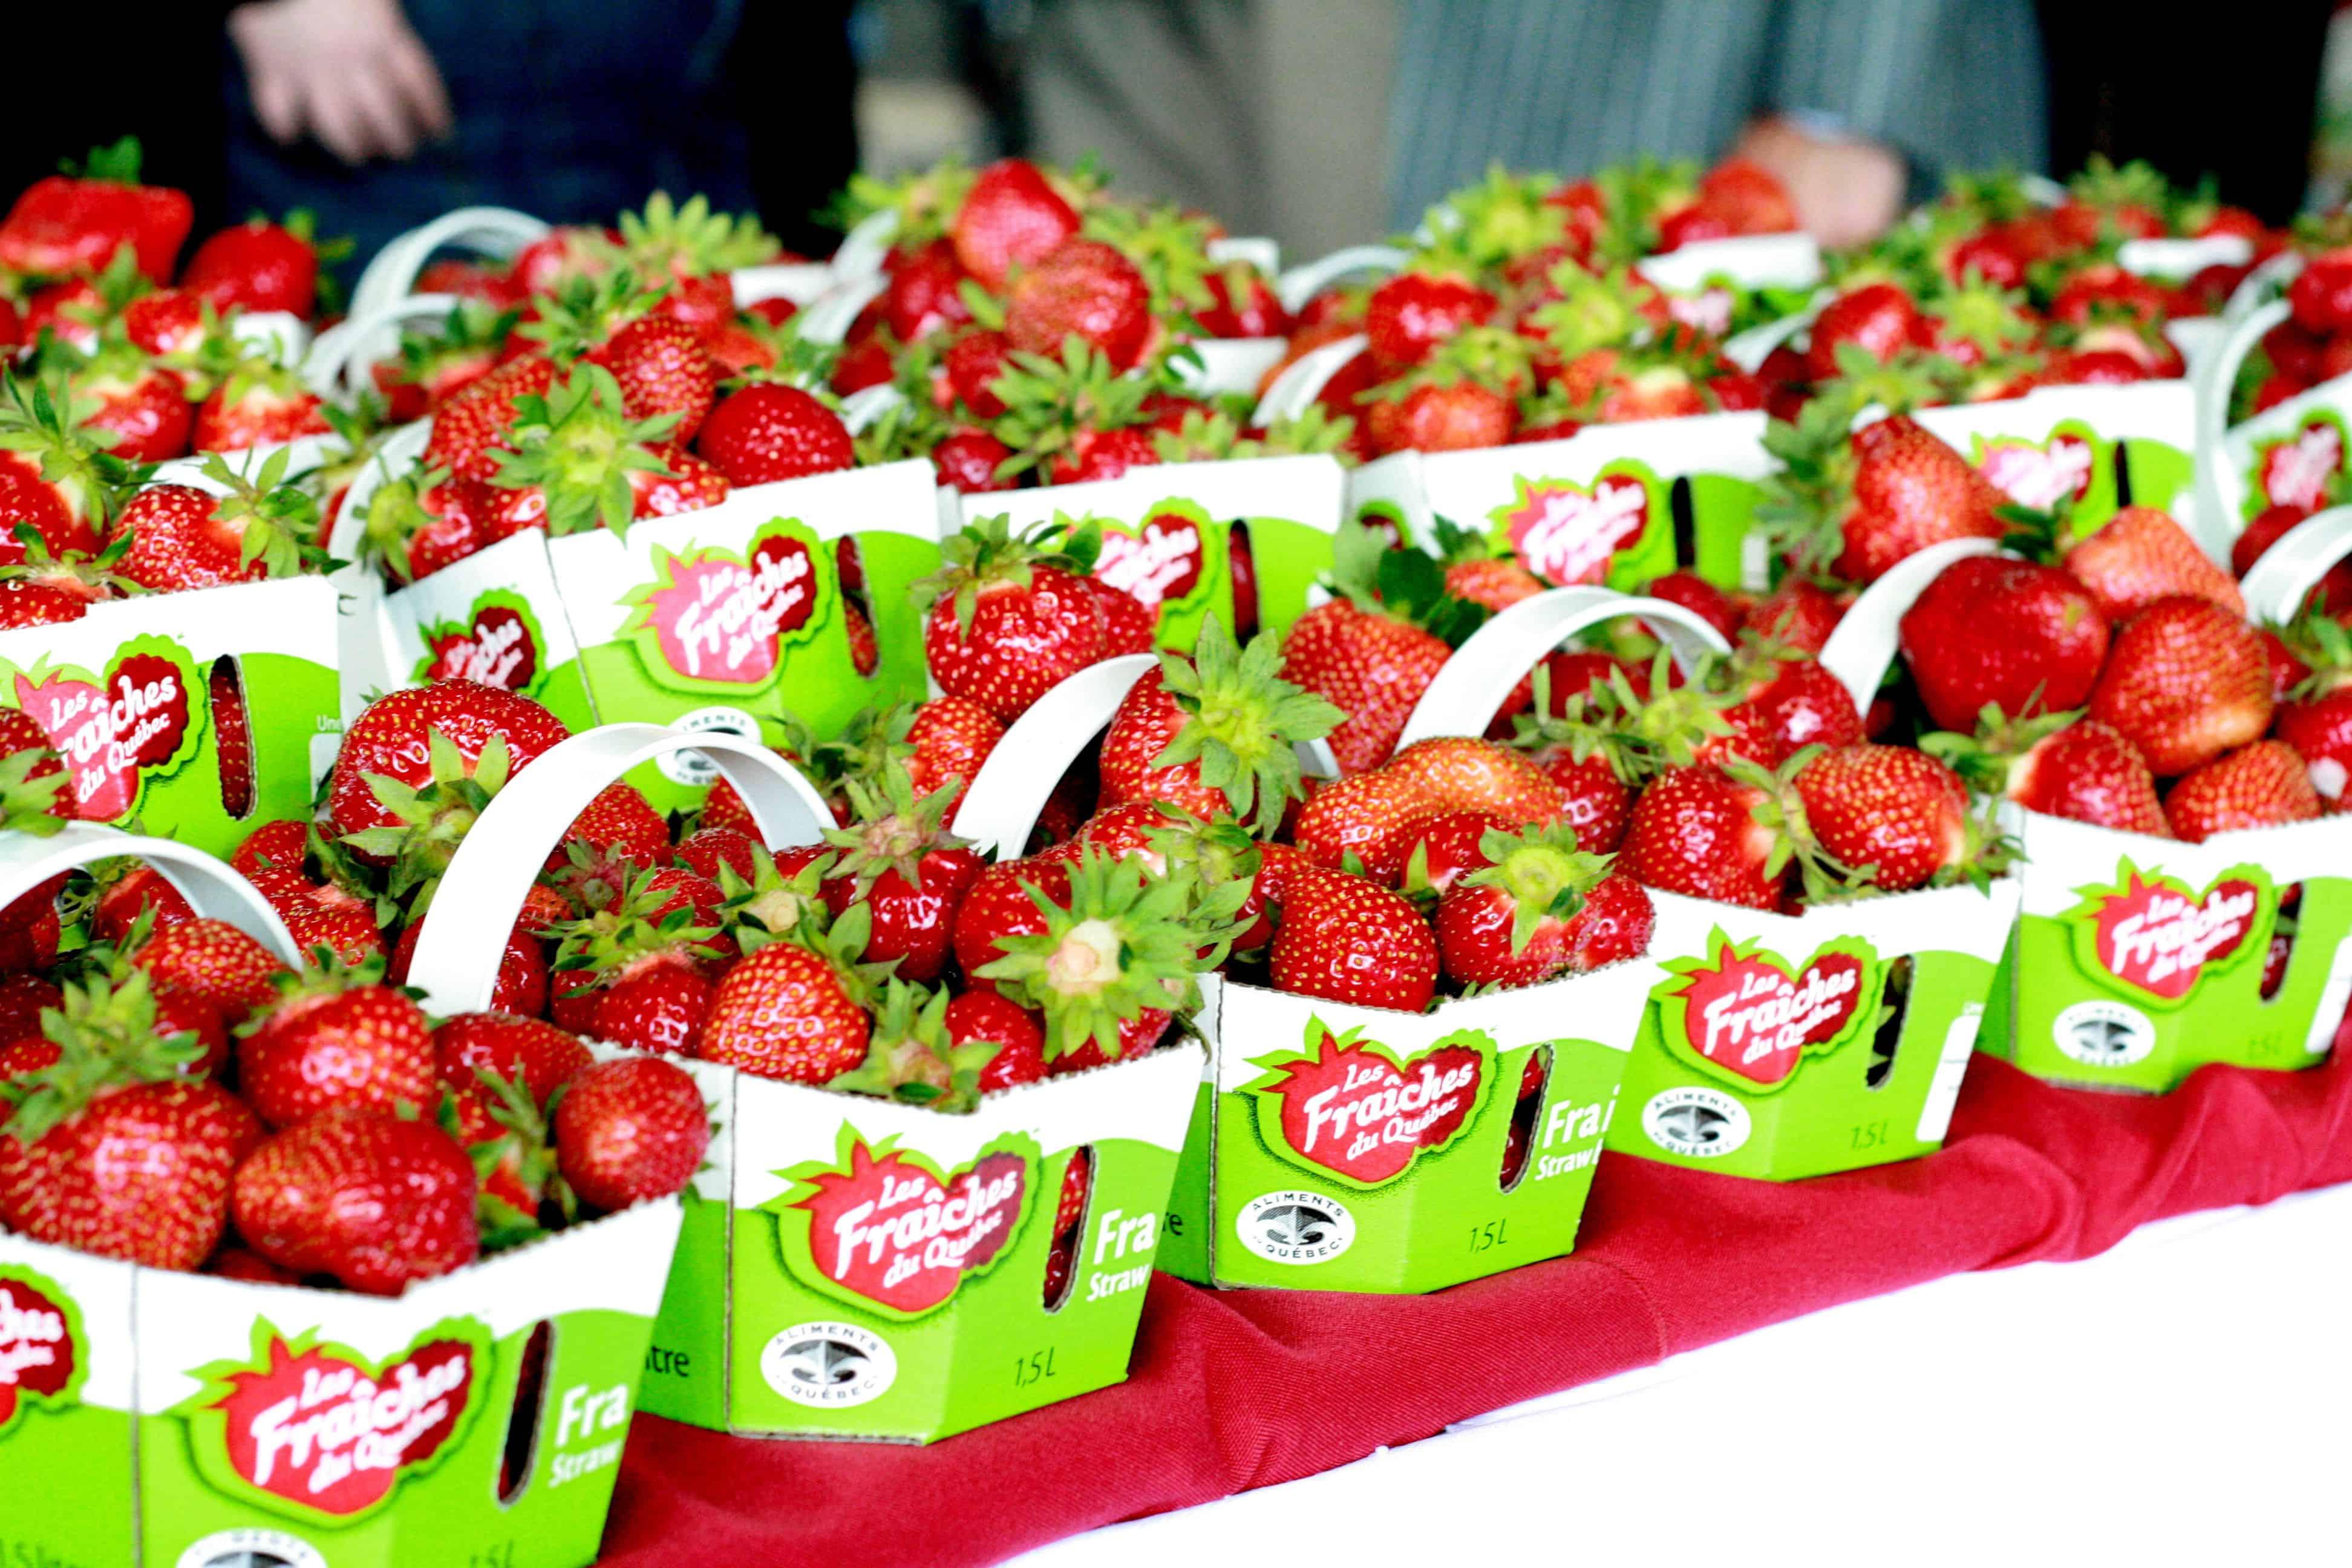 Résultats de recherche d'images pour «fraise quebec»